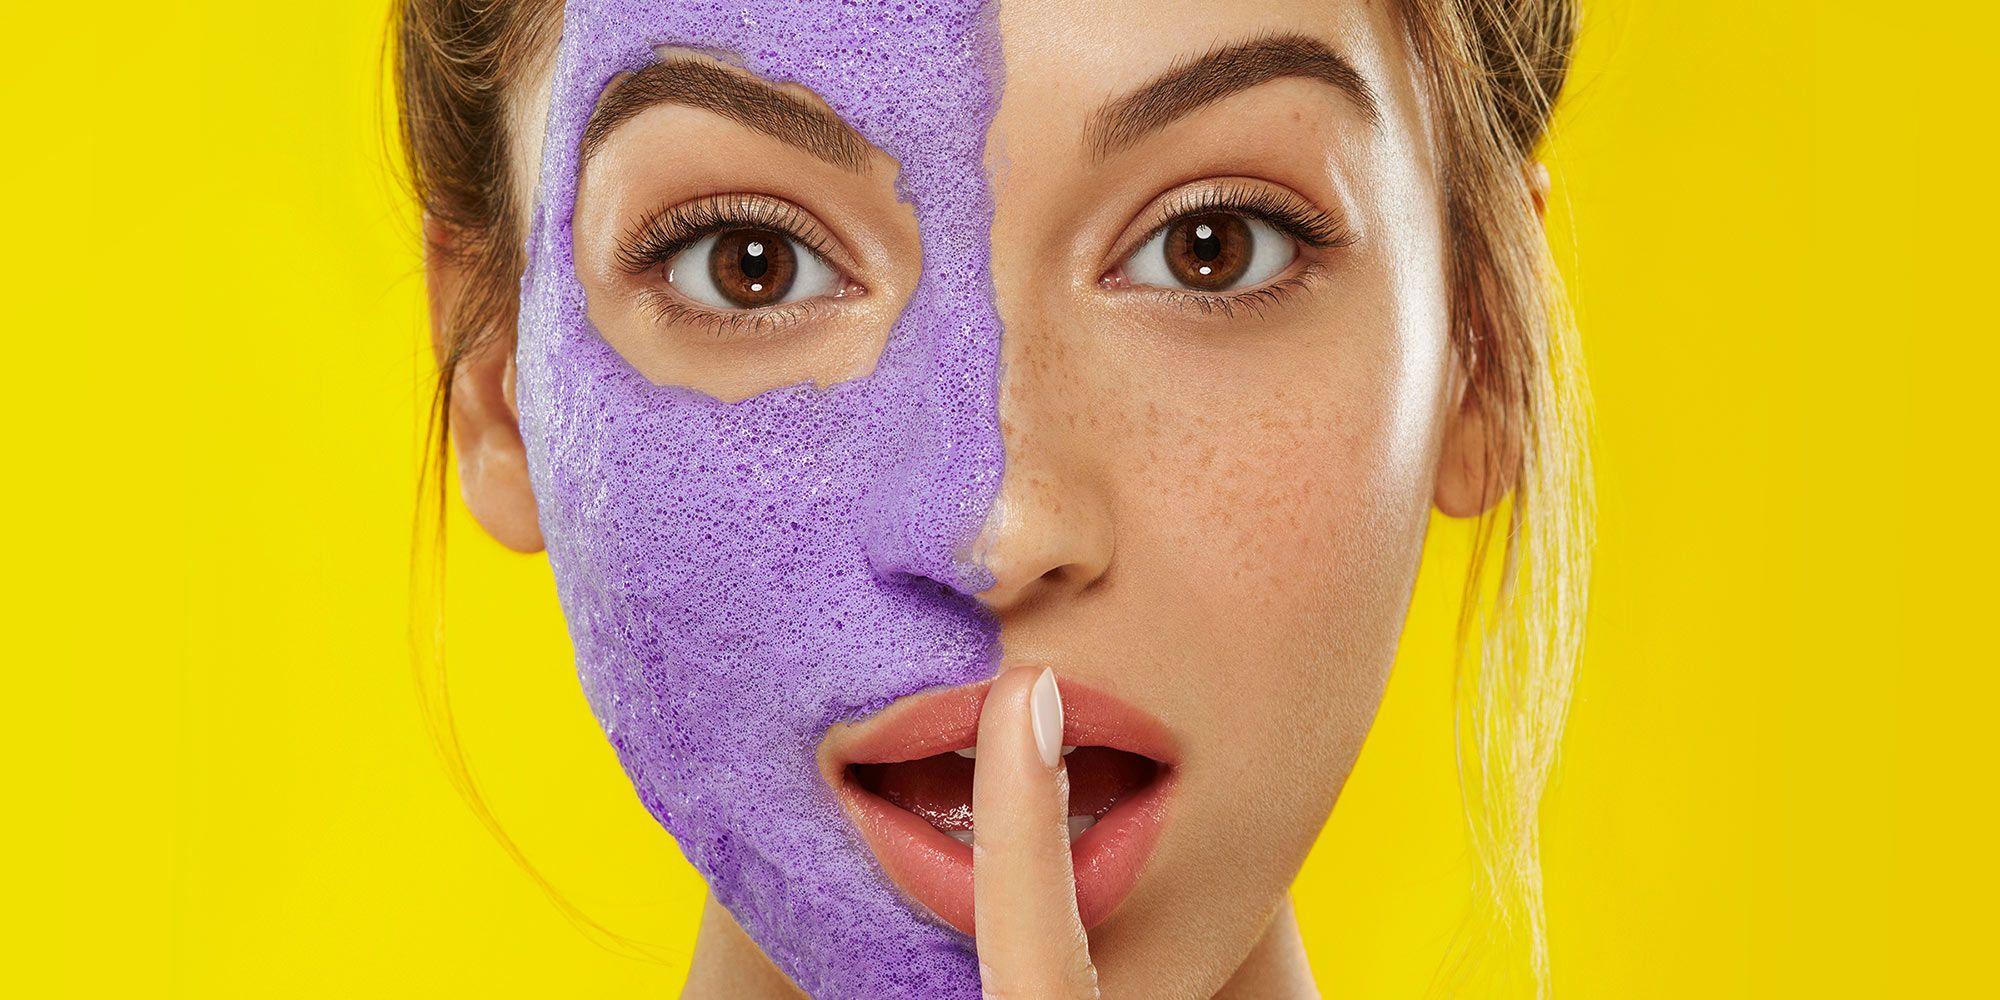 Limpieza cutis casera piel sensible